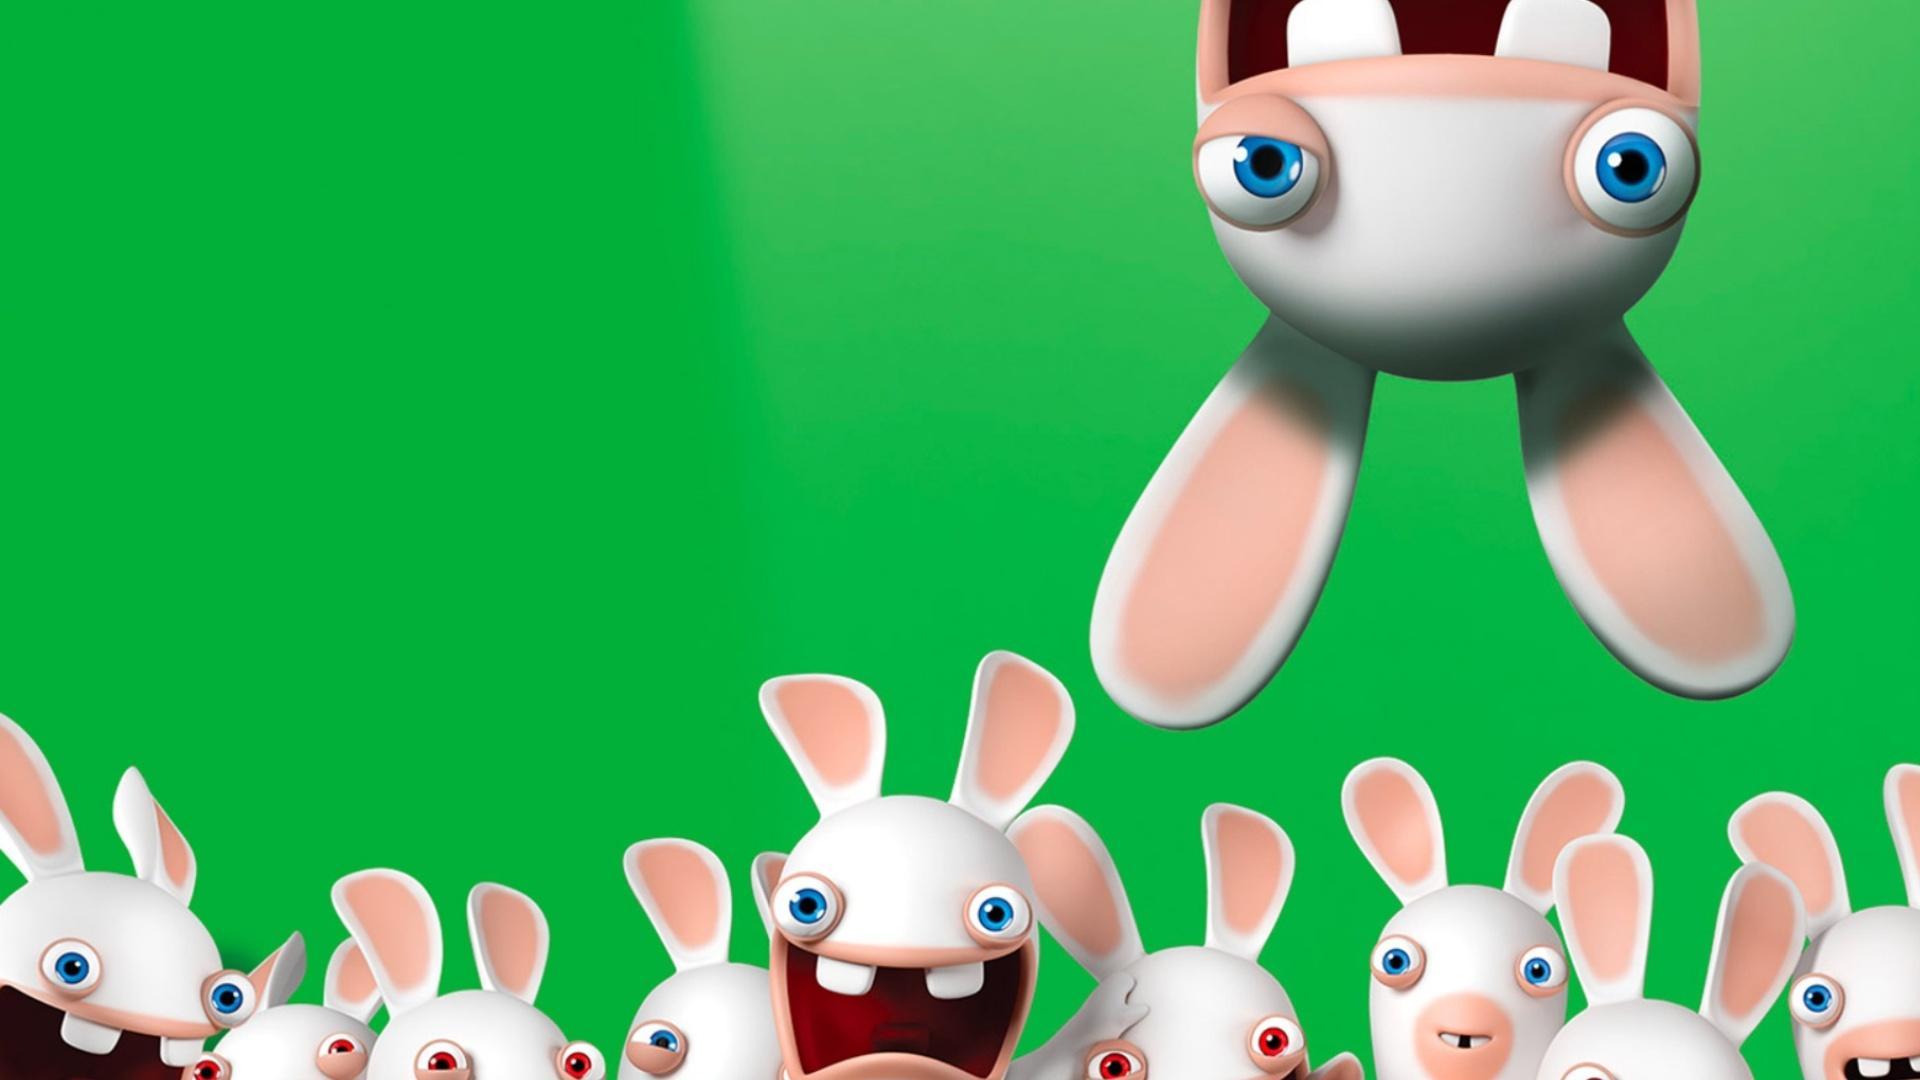 Nickelodeon Rabbids: Invasion